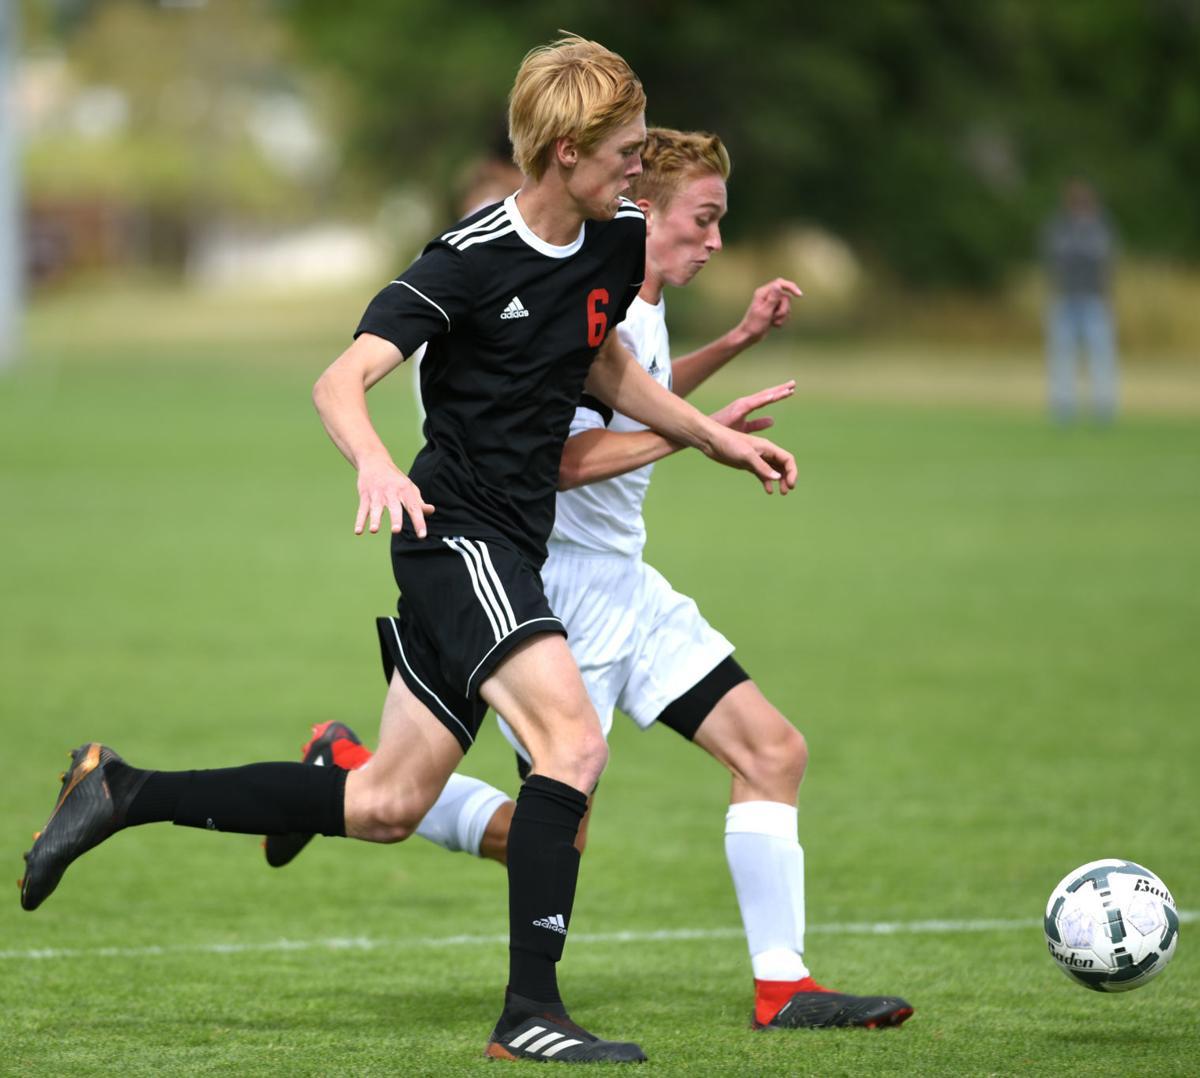 BHS Soccer v. GFH (copy)